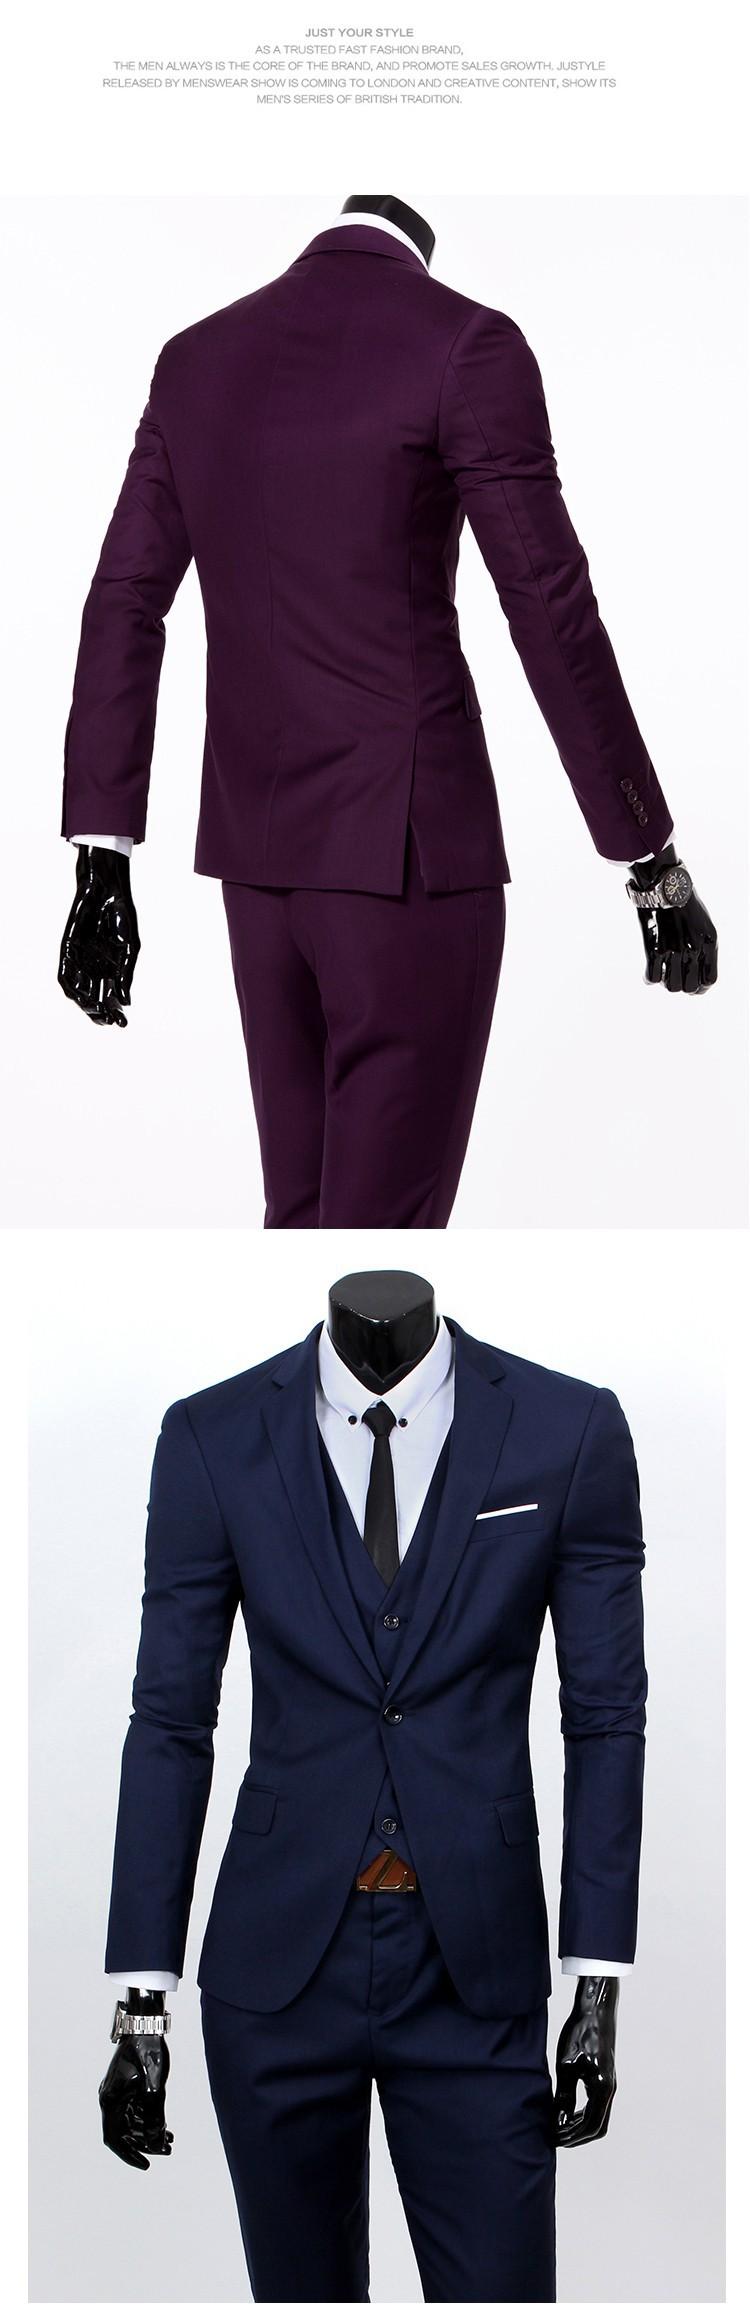 (Kurtka + kamizelka + spodnie) 2017 Nowa wiosna marka koszulka Męska slim fit Firm a trzyczęściowe Garnitury/Męskie dobrej groom dress/mężczyźni Blazers 19